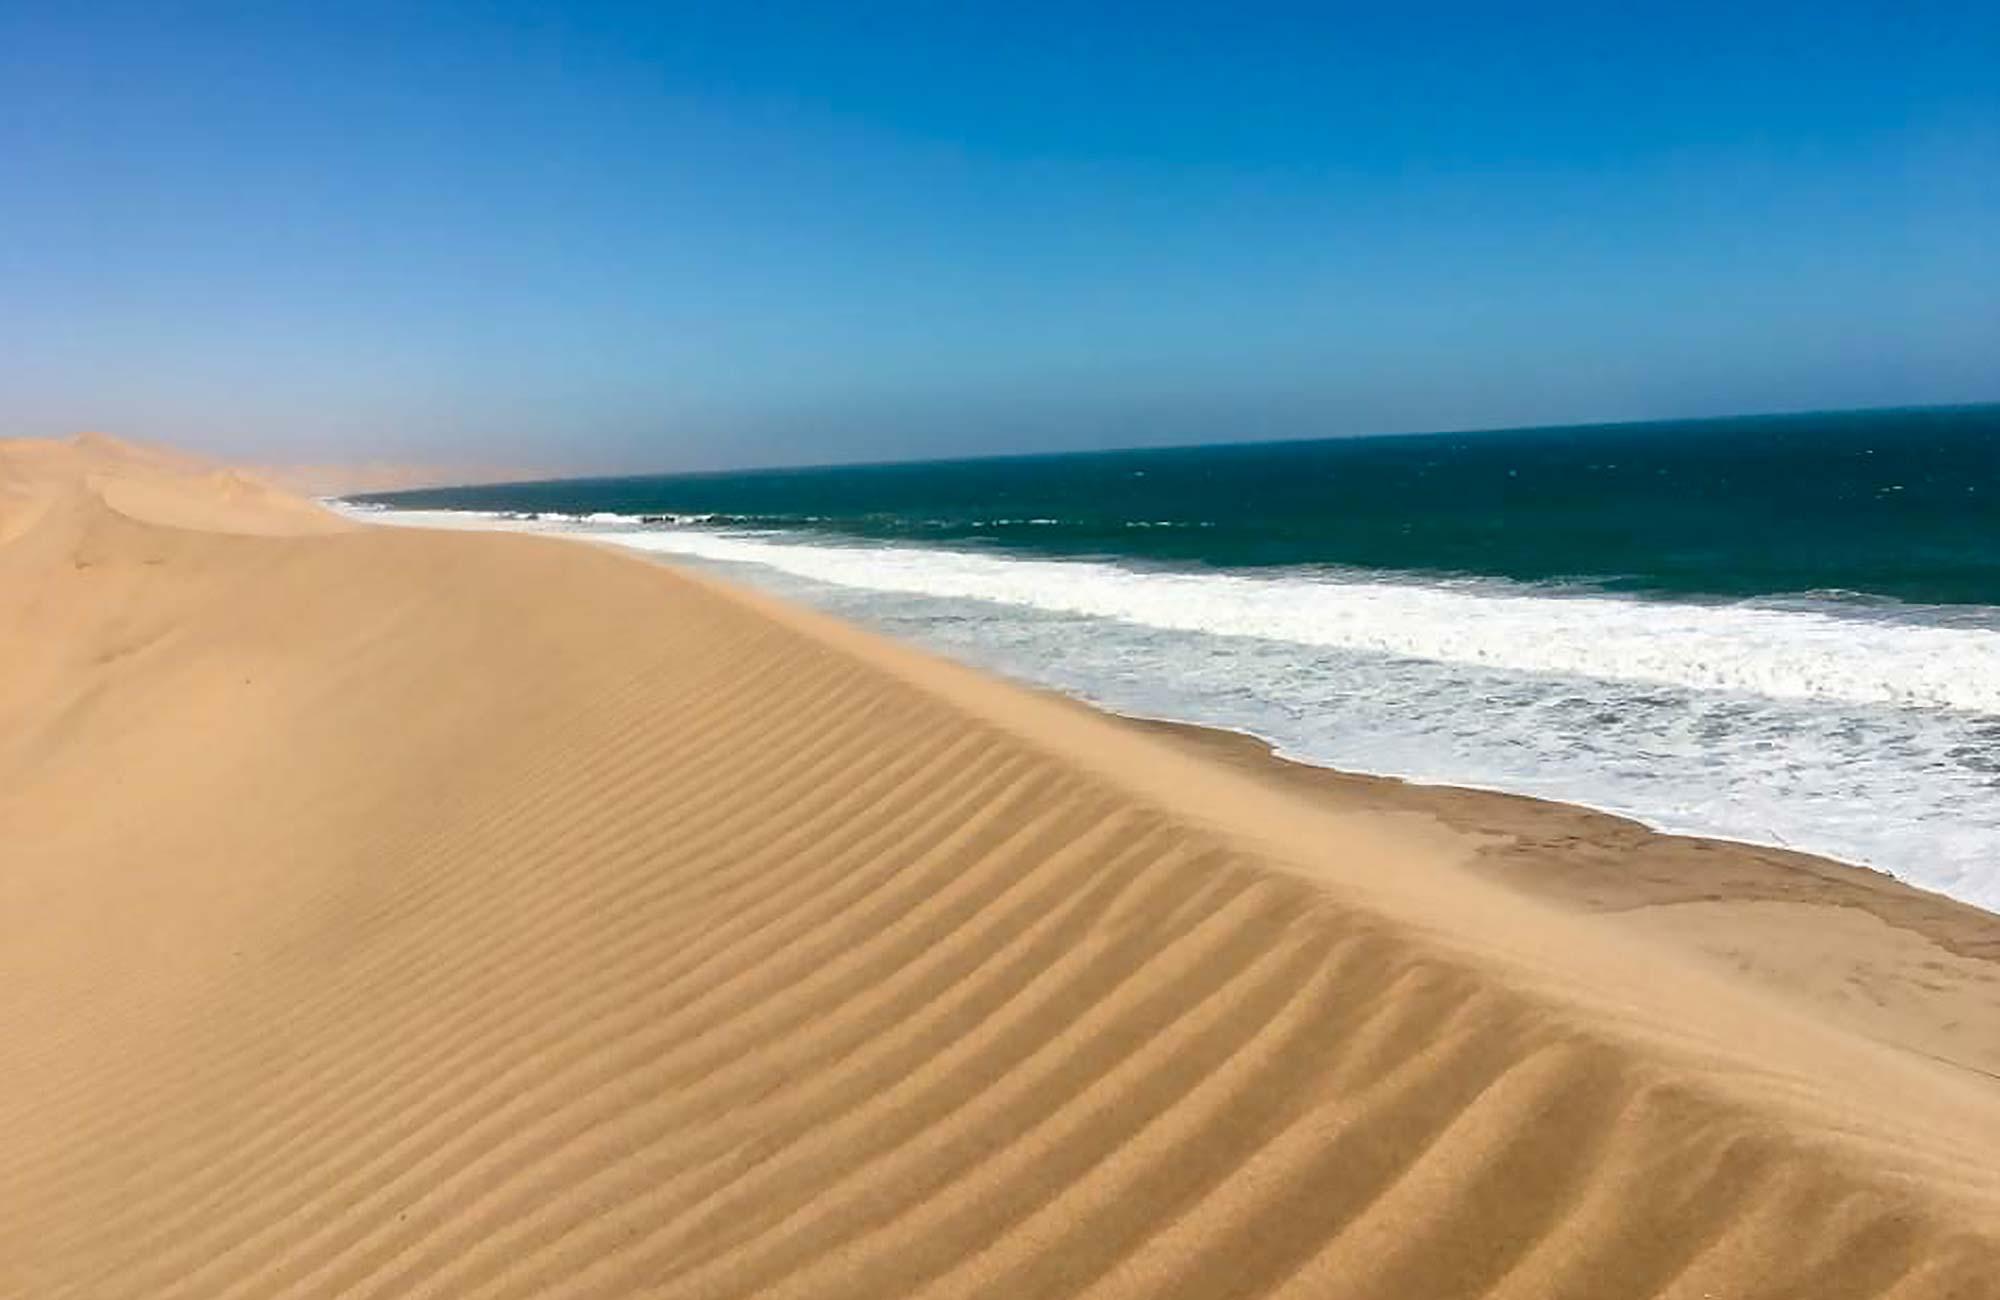 Voyage Namibie - Dunes de Sandwich Harbour - Amplitudes